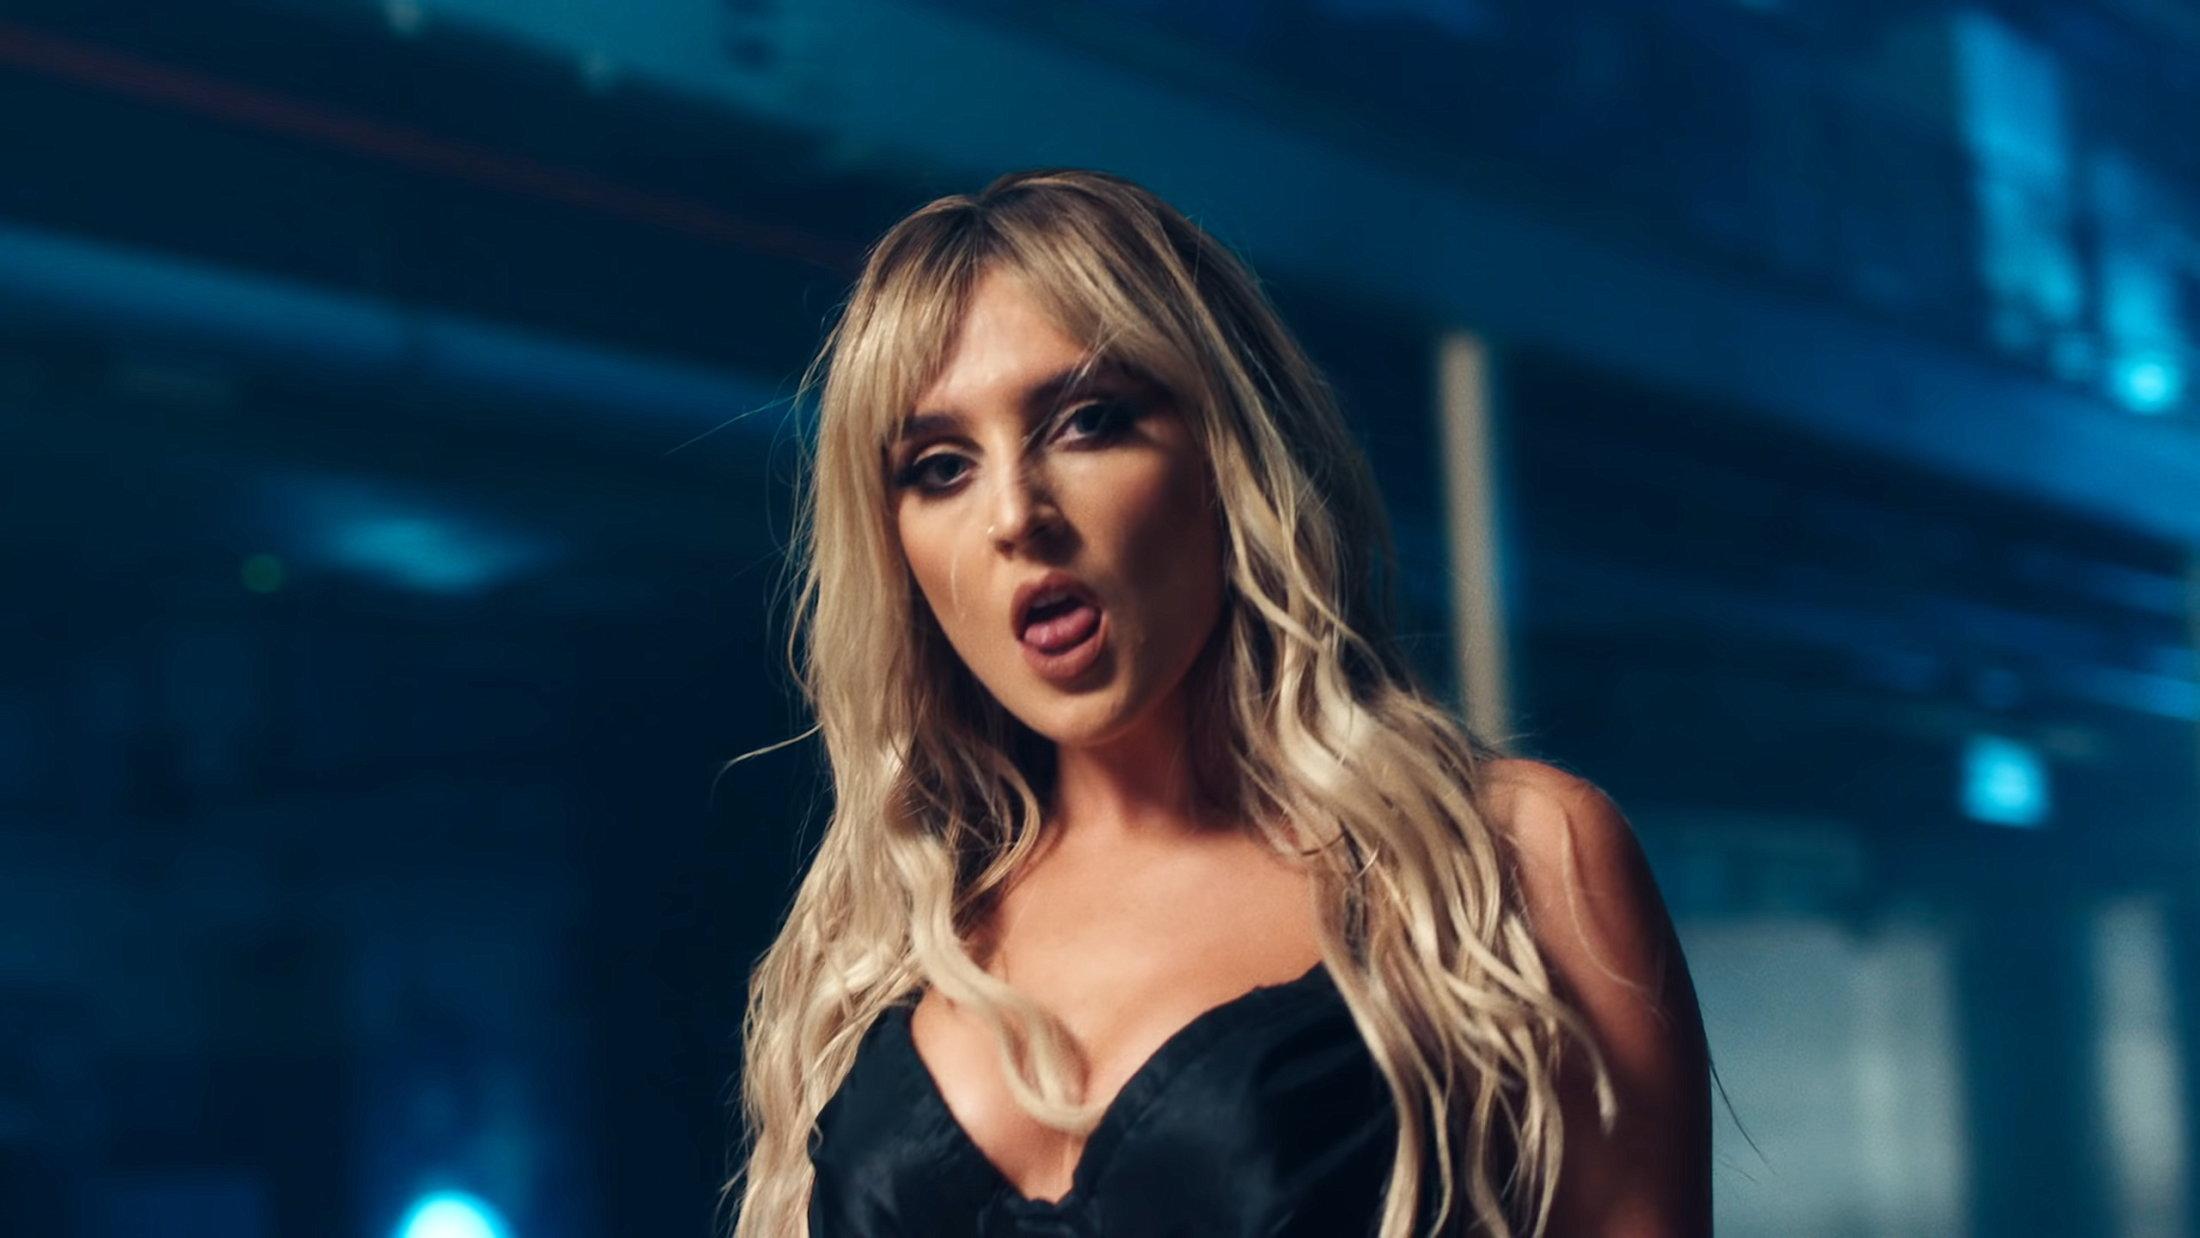 Little Mix - Sweet Melody (Official Video) 1-11 Screenshot (1)